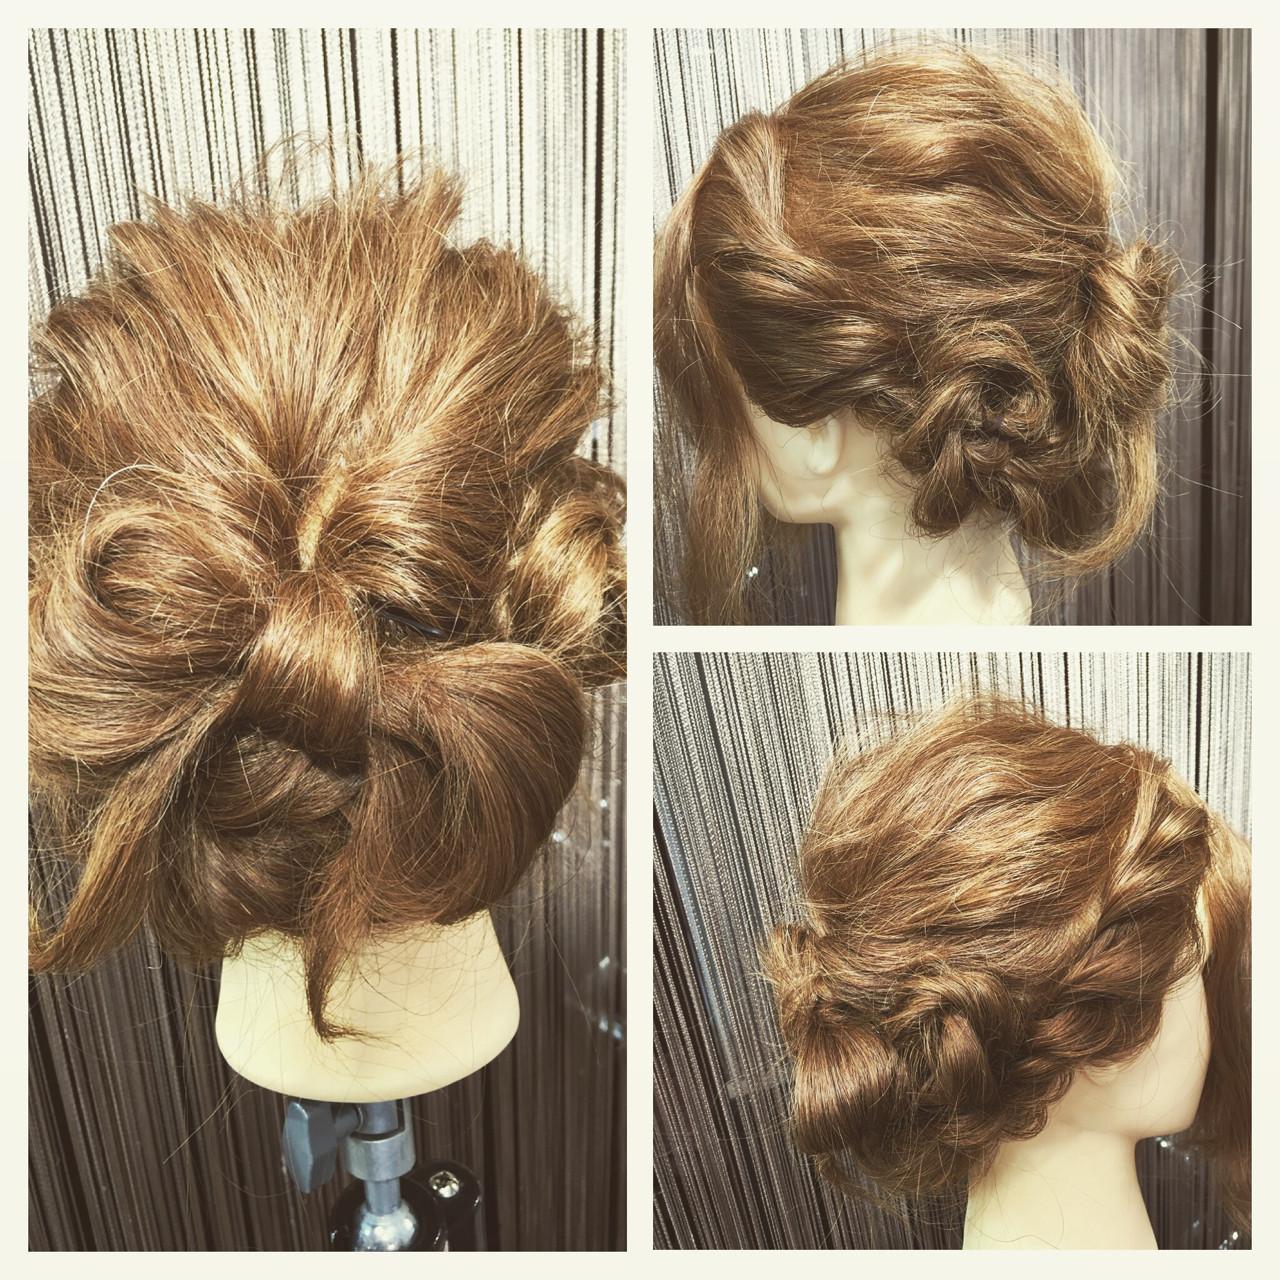 ヘアアレンジ 波ウェーブ 結婚式 ロープ編み ヘアスタイルや髪型の写真・画像